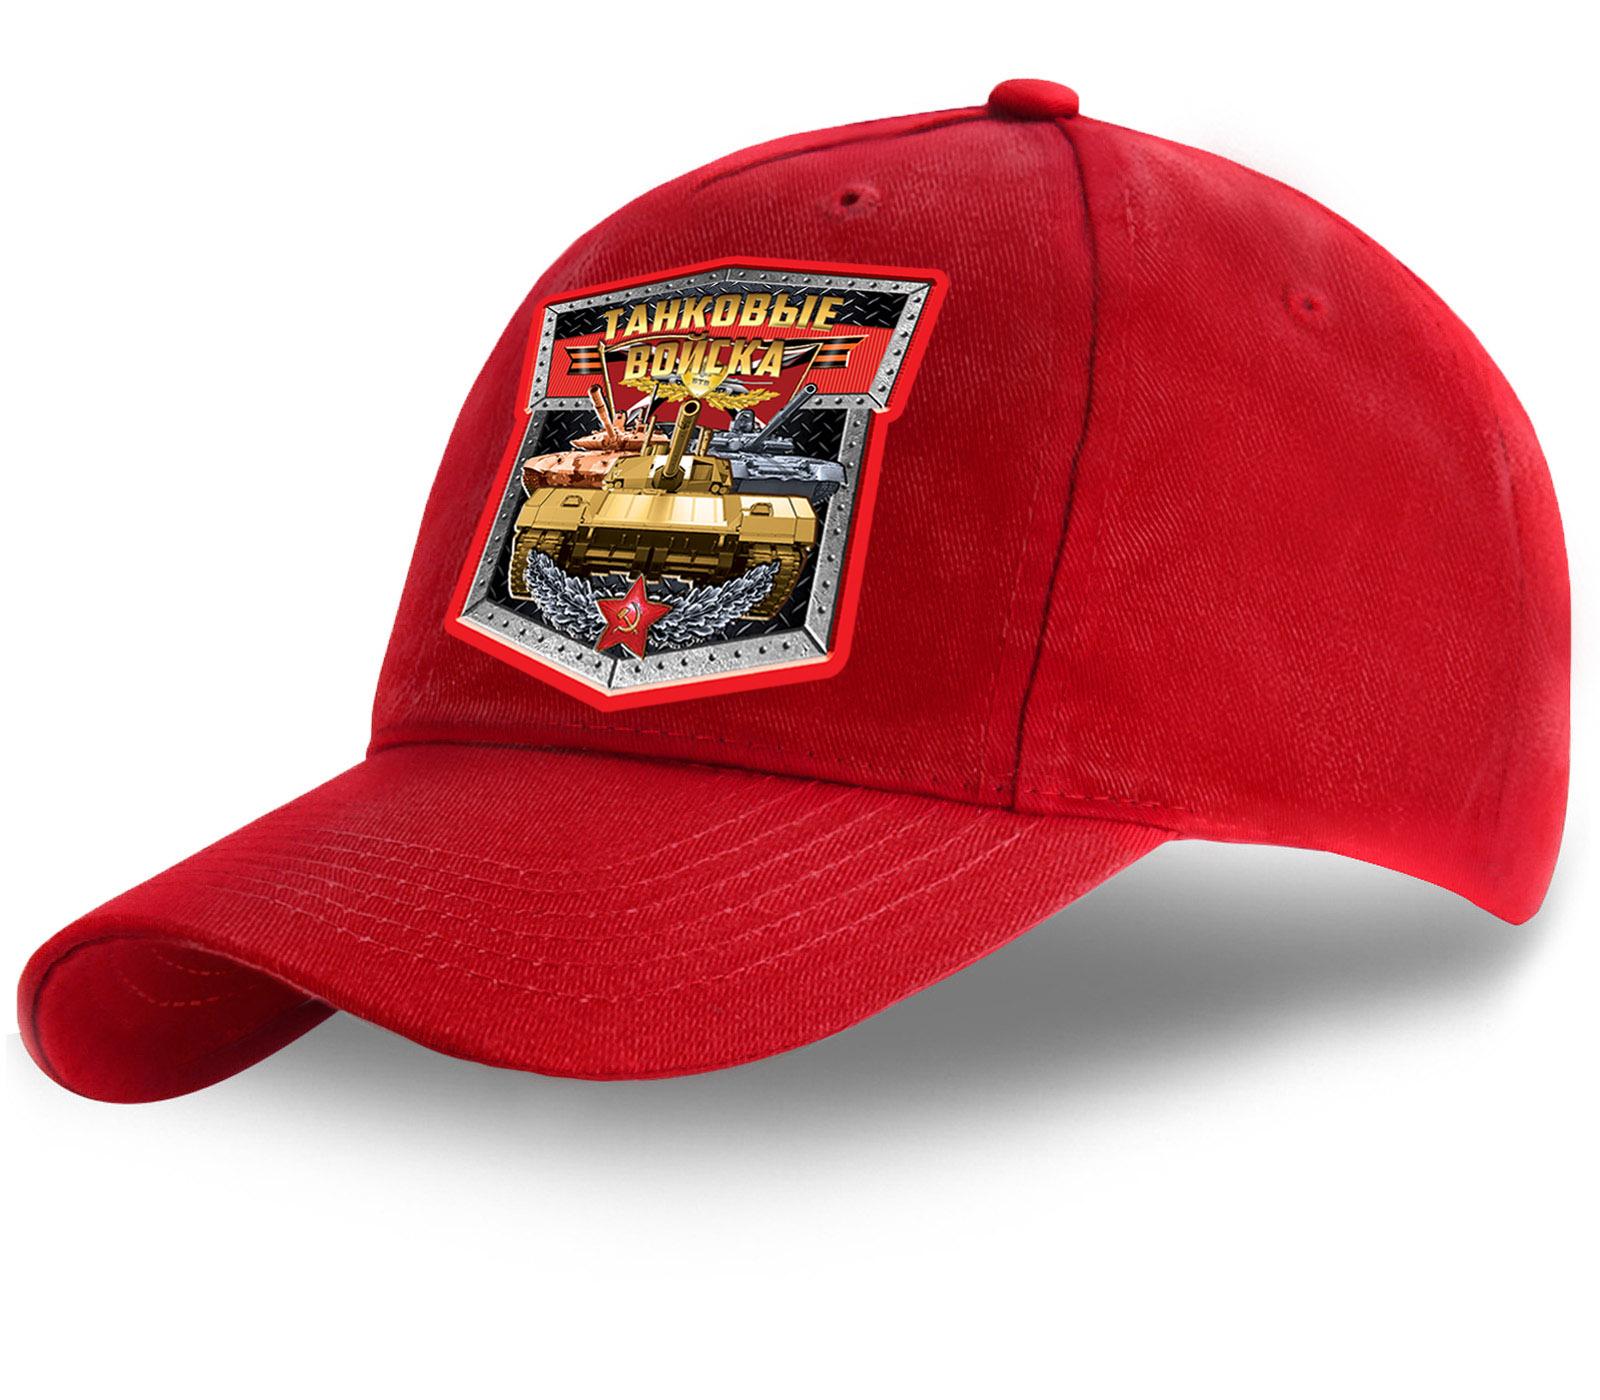 """Уникальная кепка """"Танковые войска"""" из натурального хлопка. """"Умный дизайн"""", регулировка размера. Выбирайте правильные подарки!"""